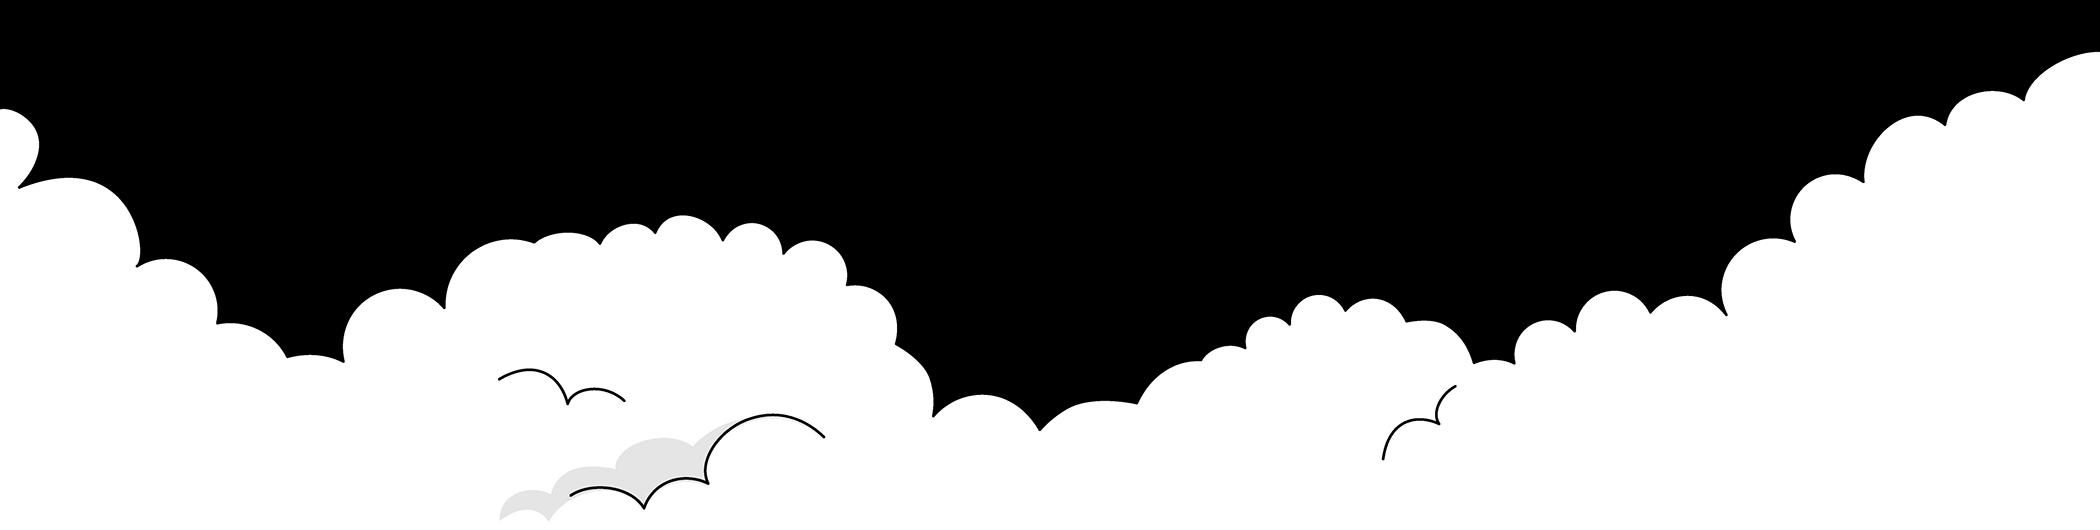 https://hlink.pt/wp-content/uploads/2020/05/Startup-01.png